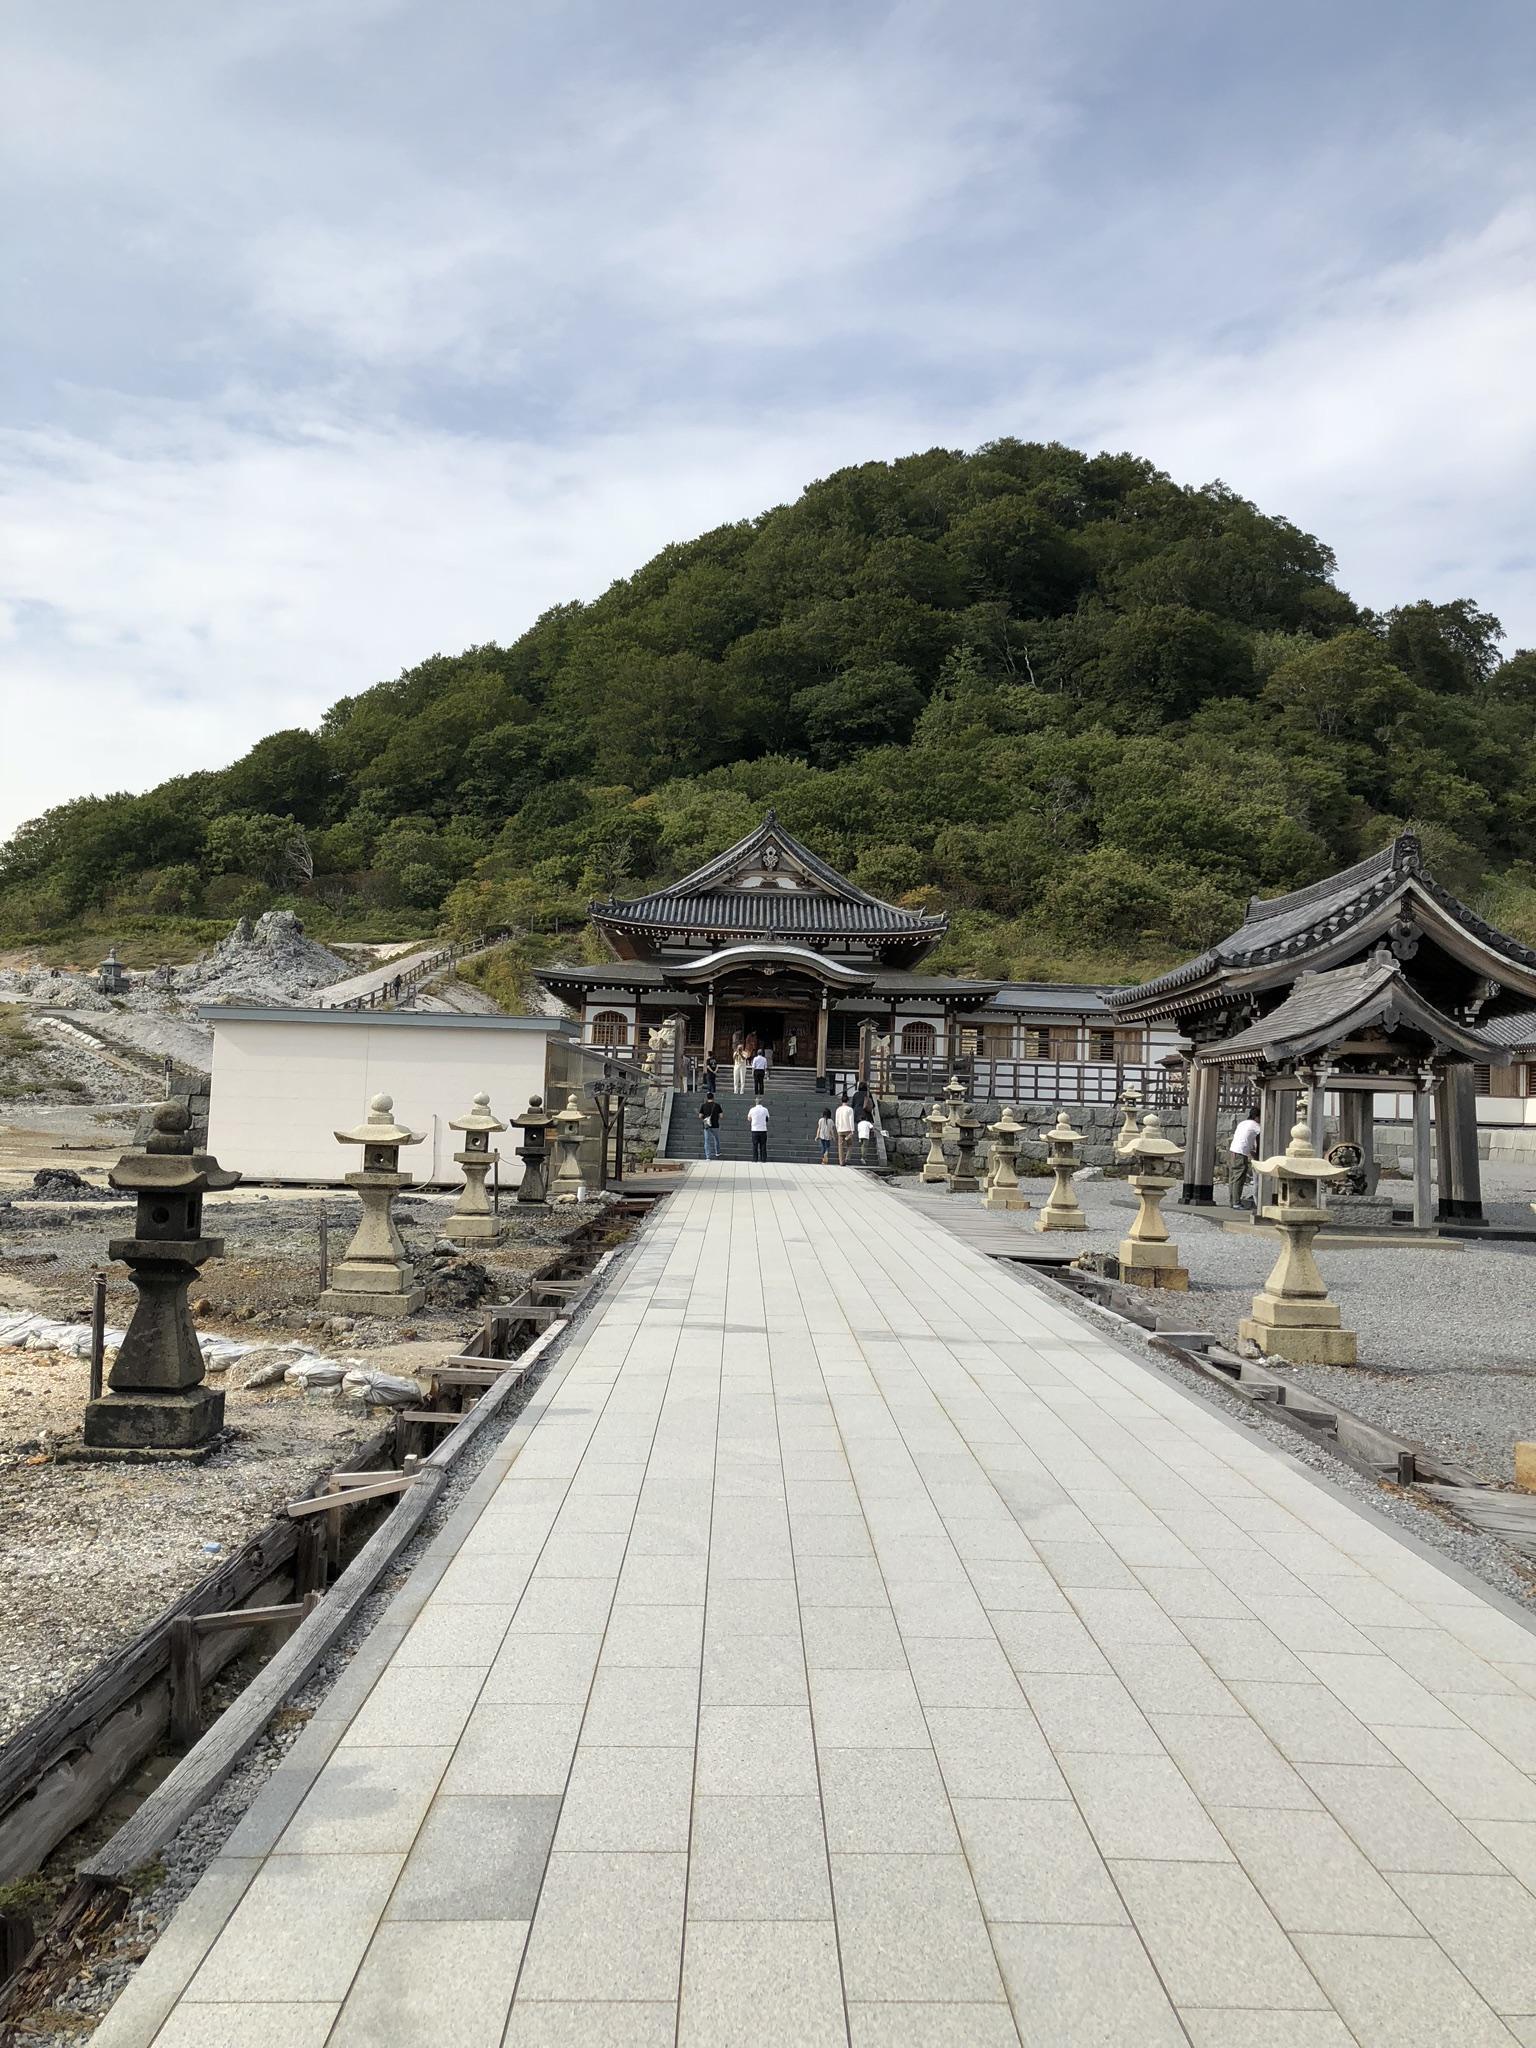 菩提寺(恐山)の境内・文化財